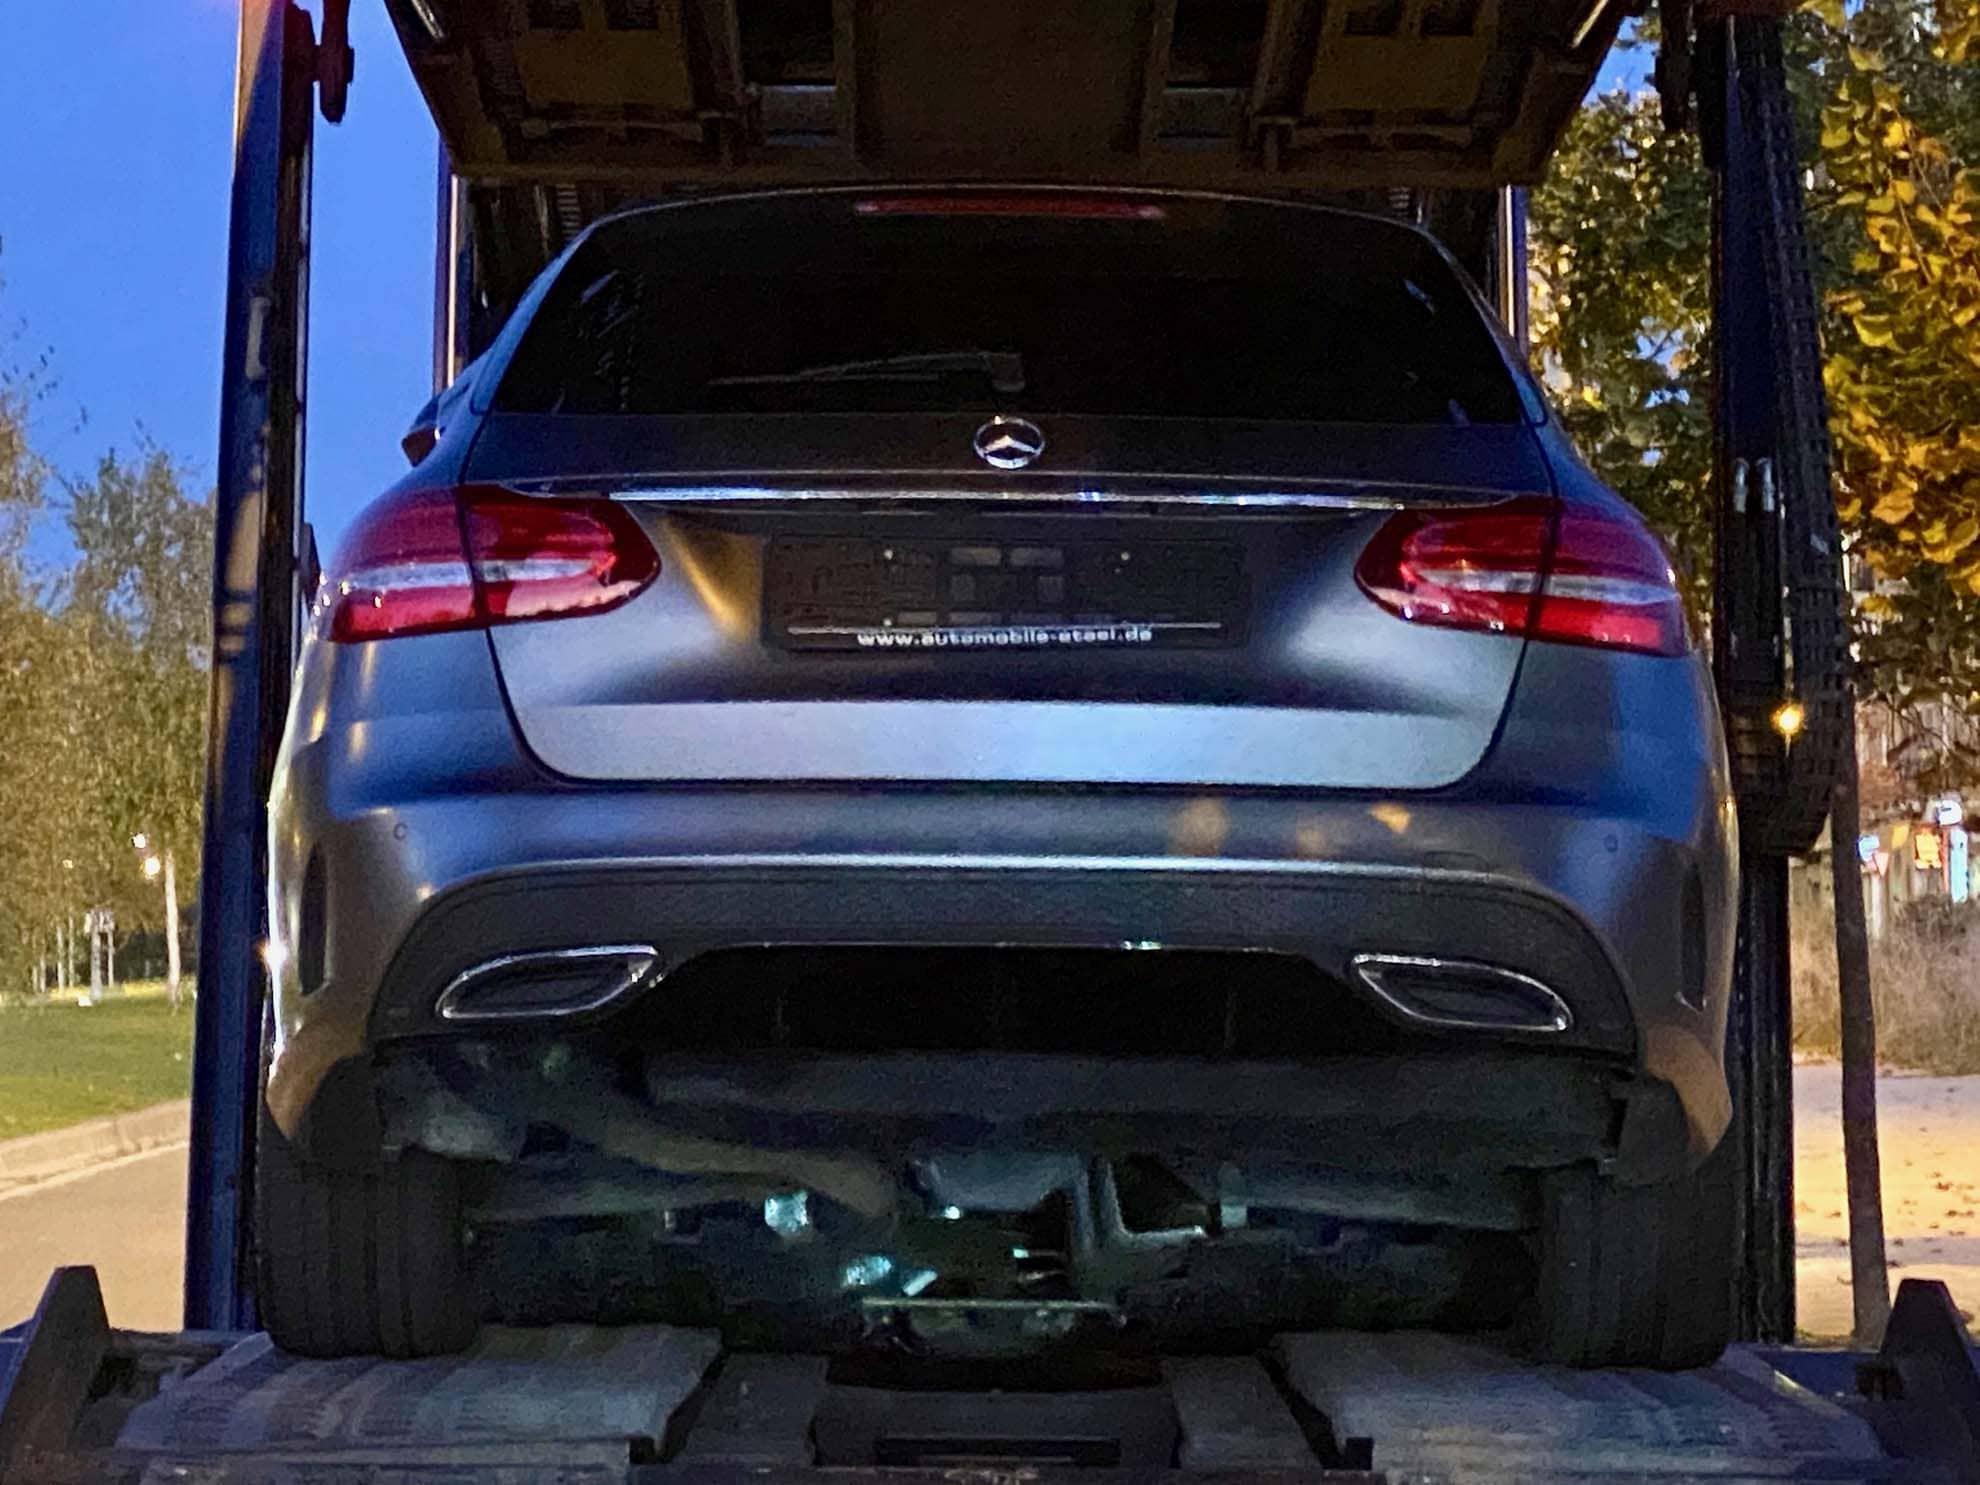 Nuevos coches importados de alemania - EuropaAutomotive